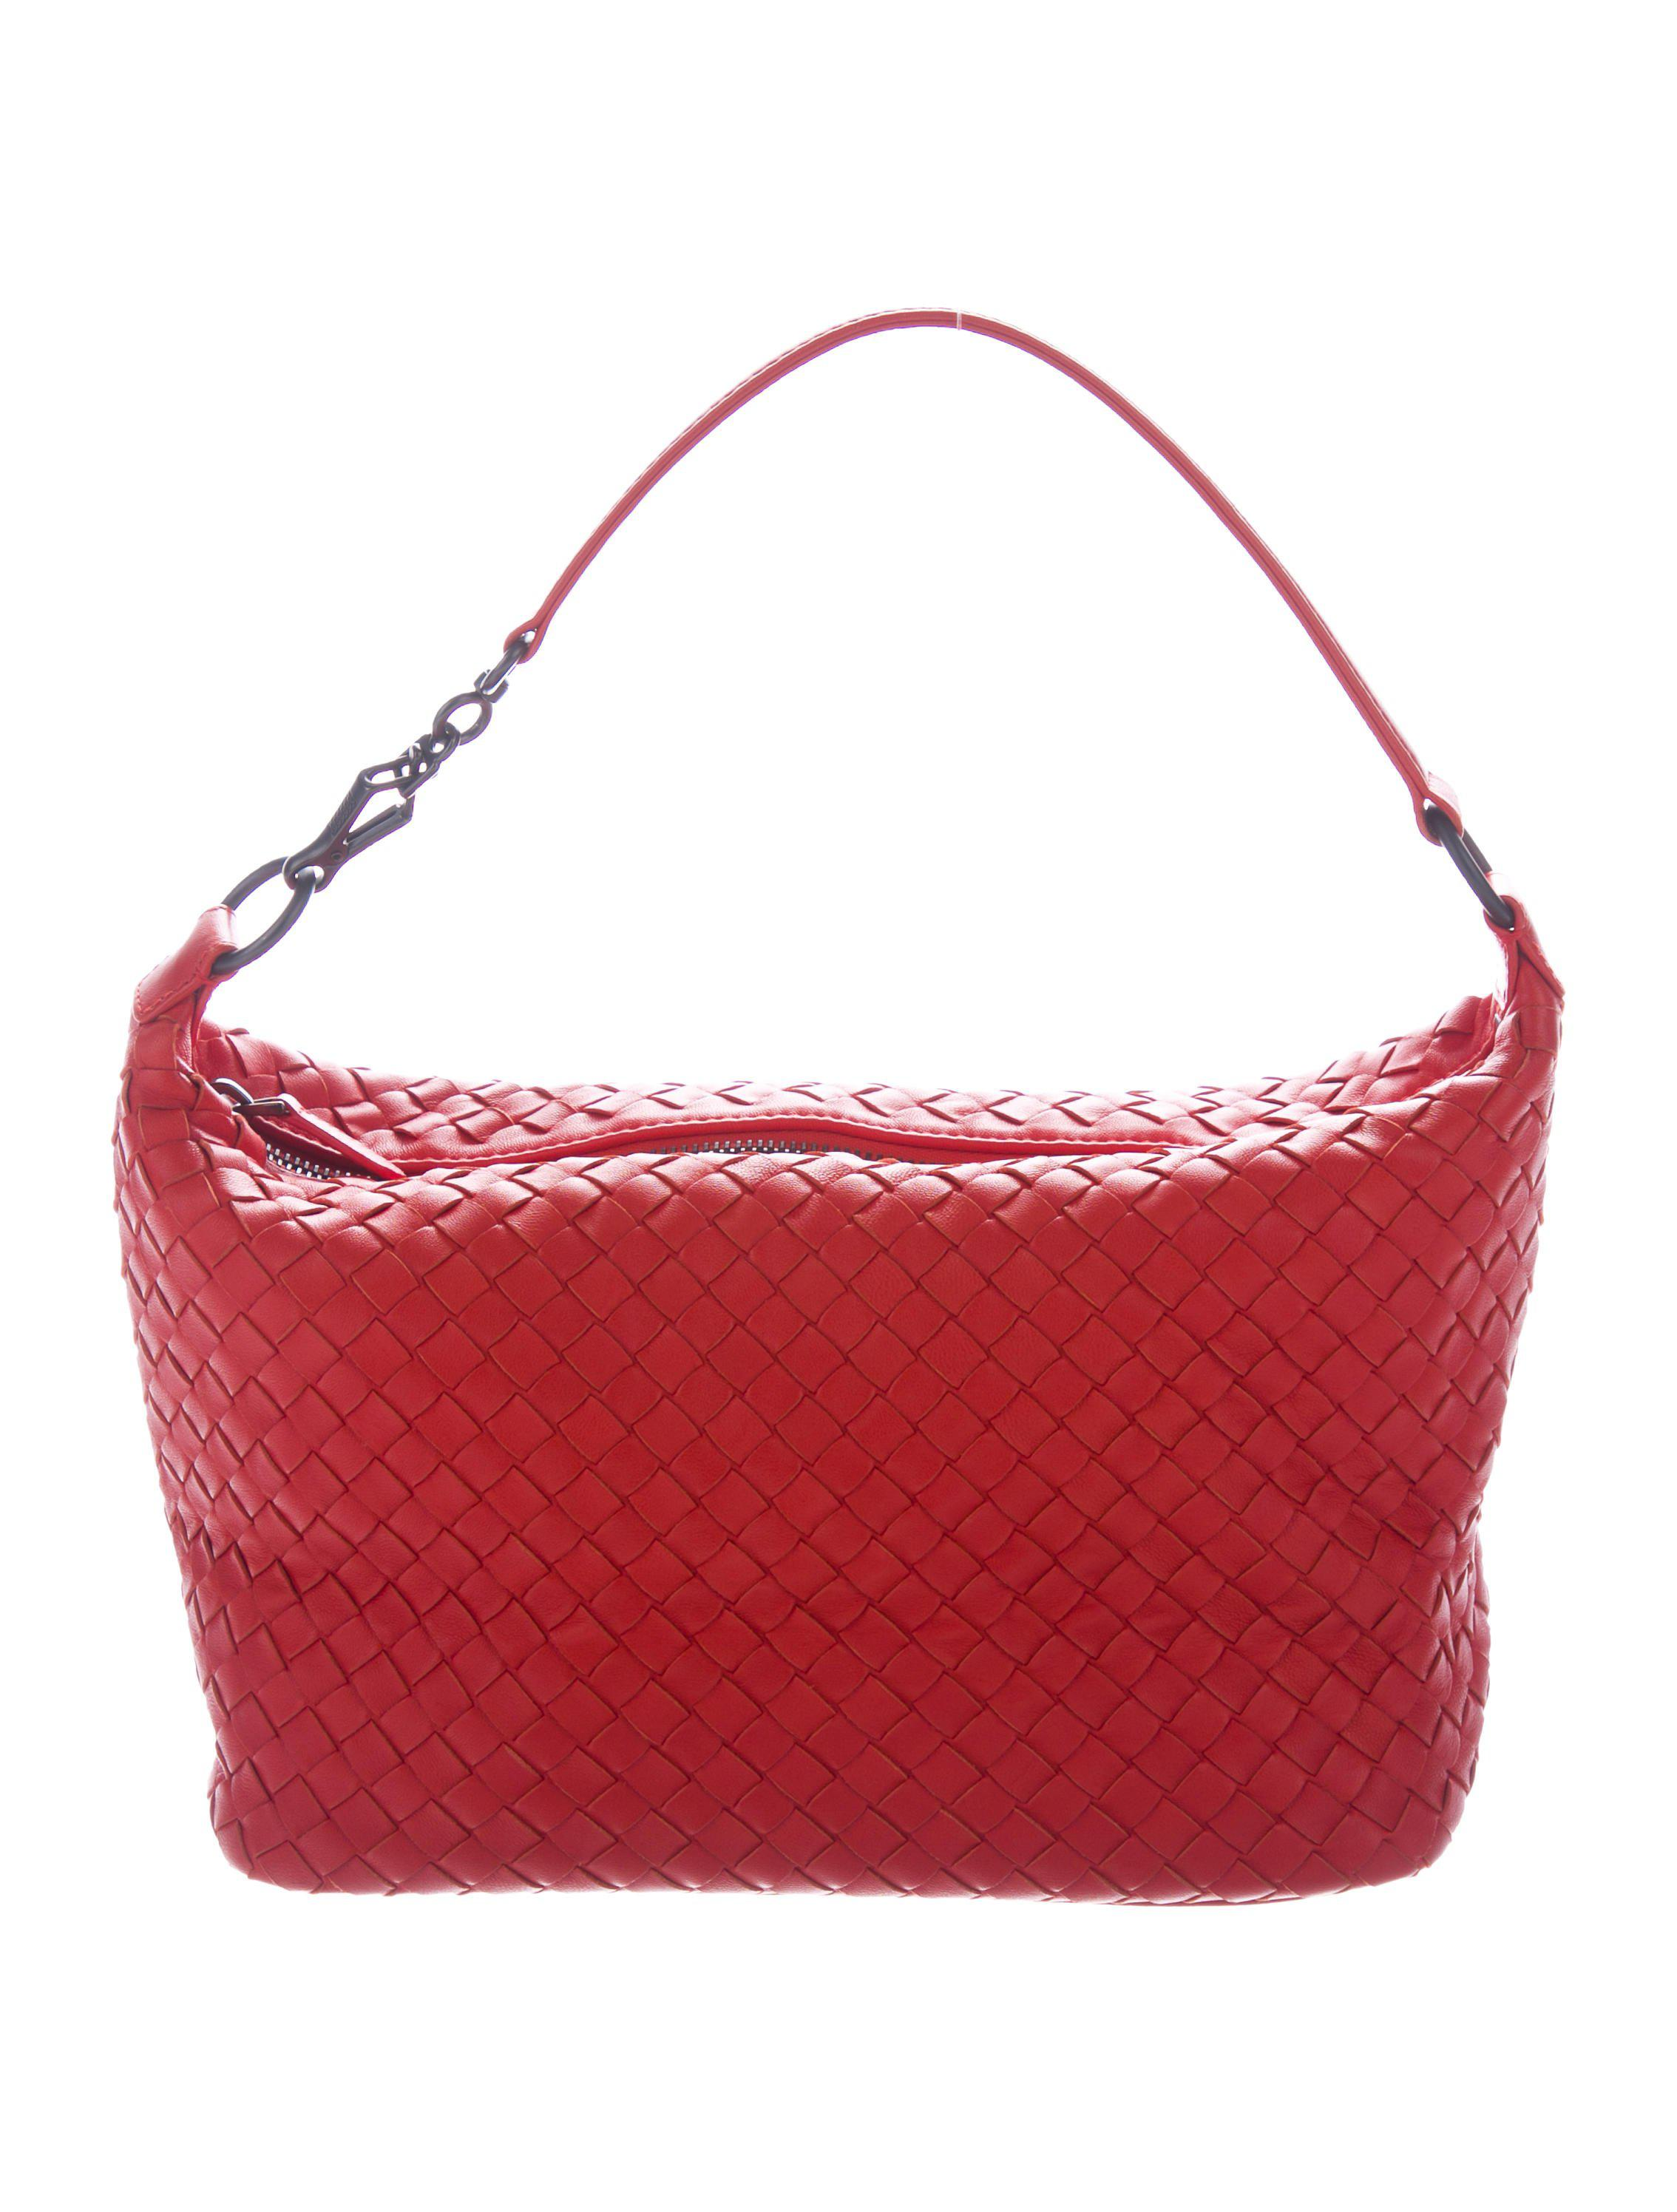 00e079cefb Lyst - Bottega Veneta Intrecciato Handle Bag Orange in Natural